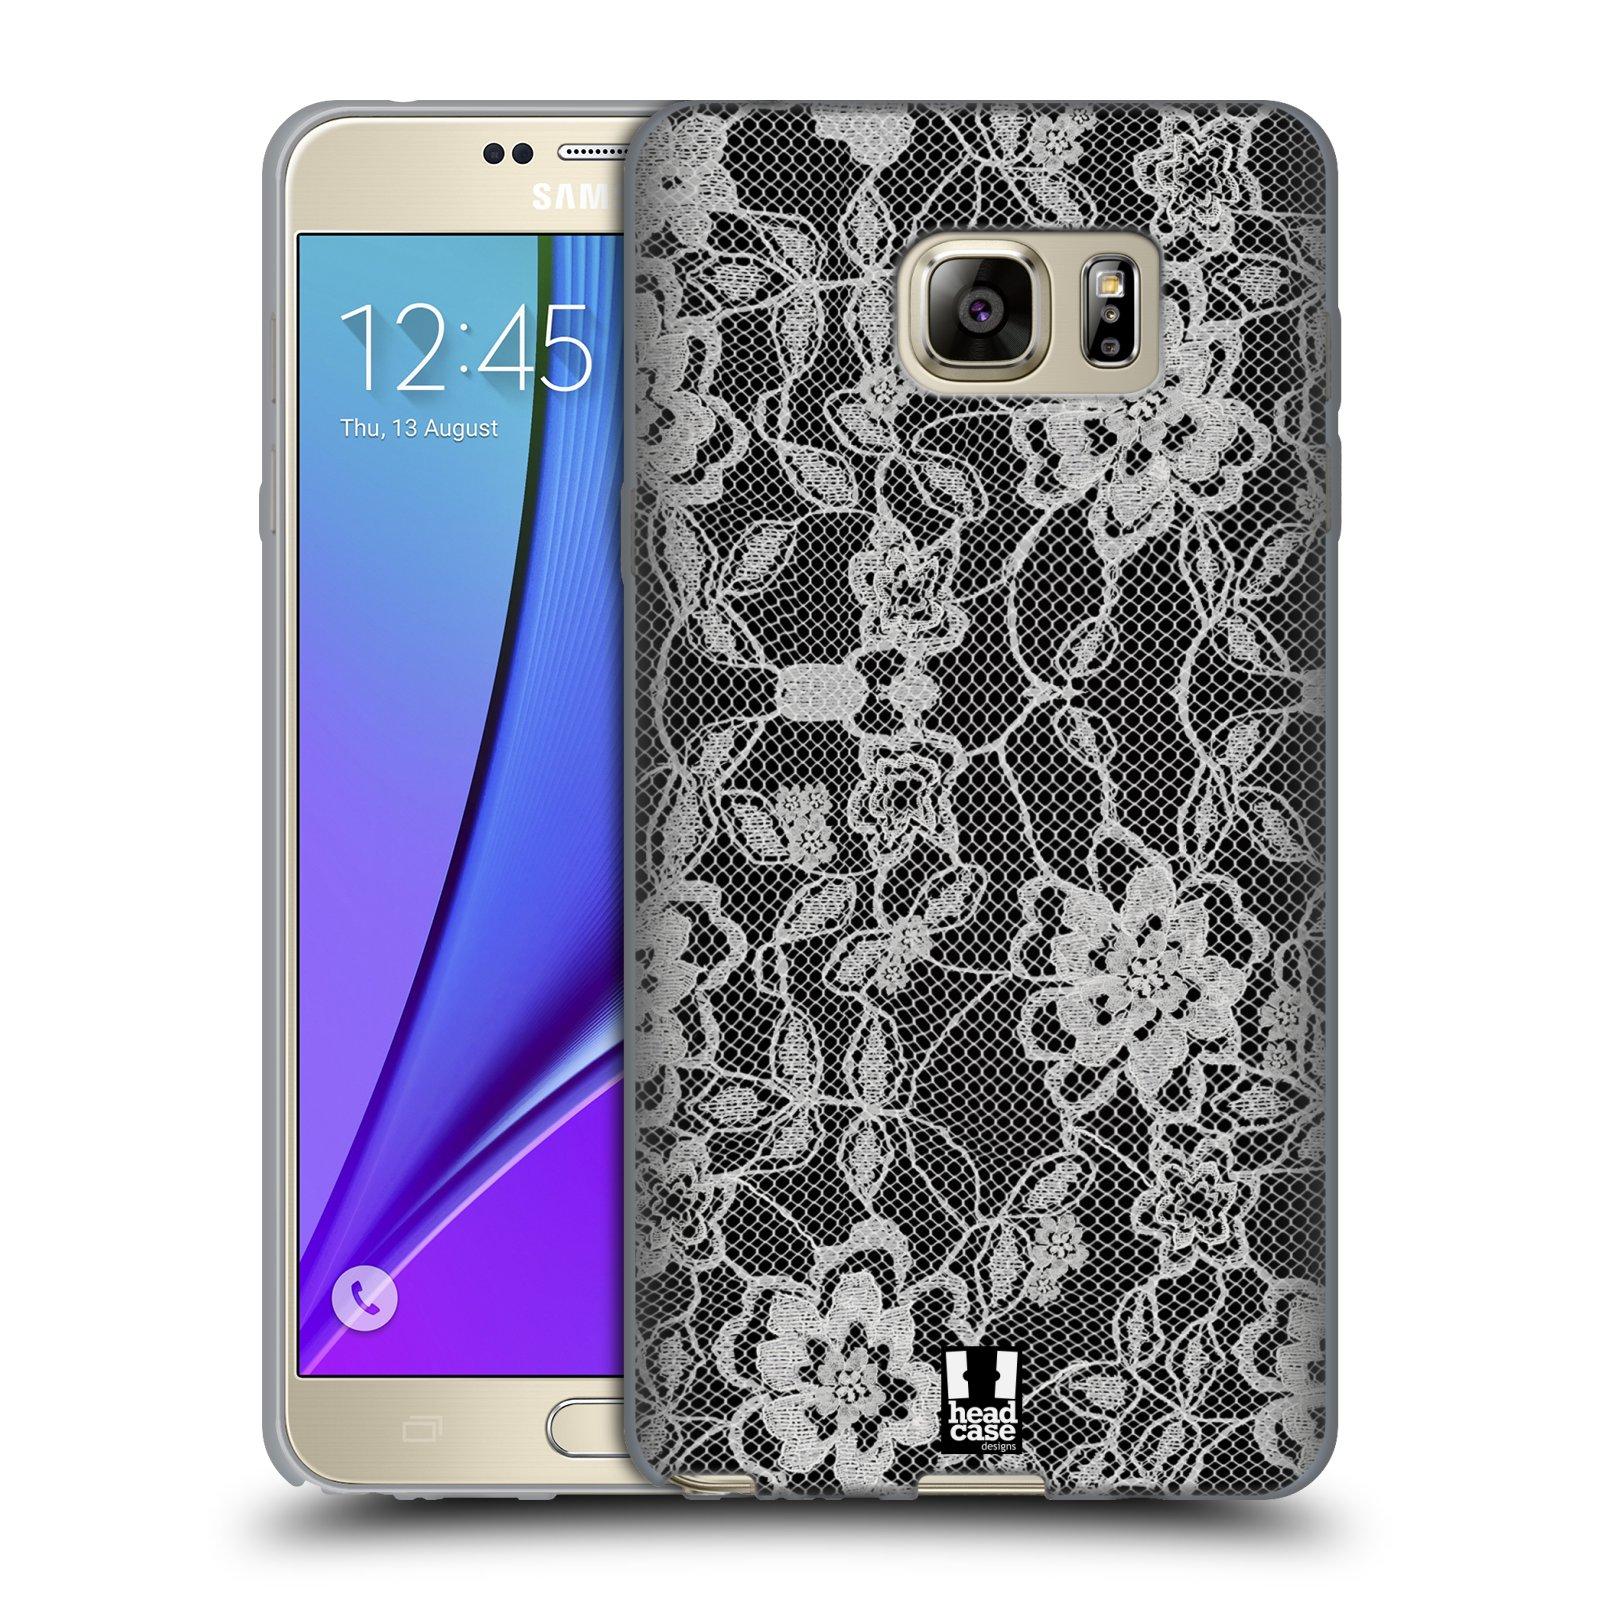 Silikonové pouzdro na mobil Samsung Galaxy Note 5 HEAD CASE FLOWERY KRAJKA (Silikonový kryt či obal na mobilní telefon Samsung Galaxy Note 5 SM-N920)